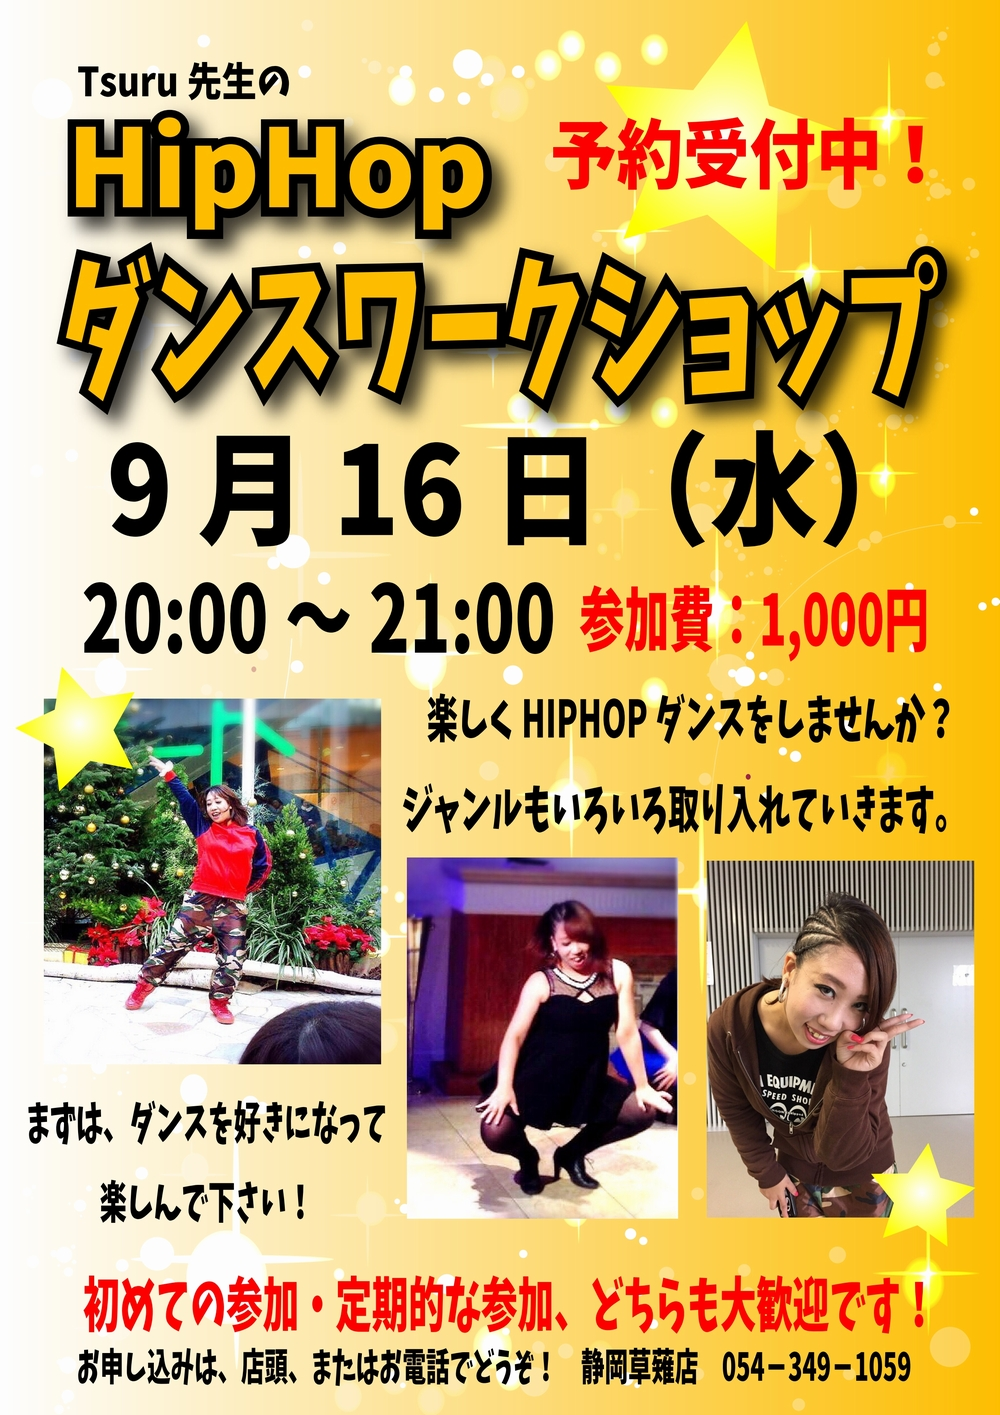 【ワークショップ】HipHopダンス@音楽天国・静岡草薙店9月16日(水)開催